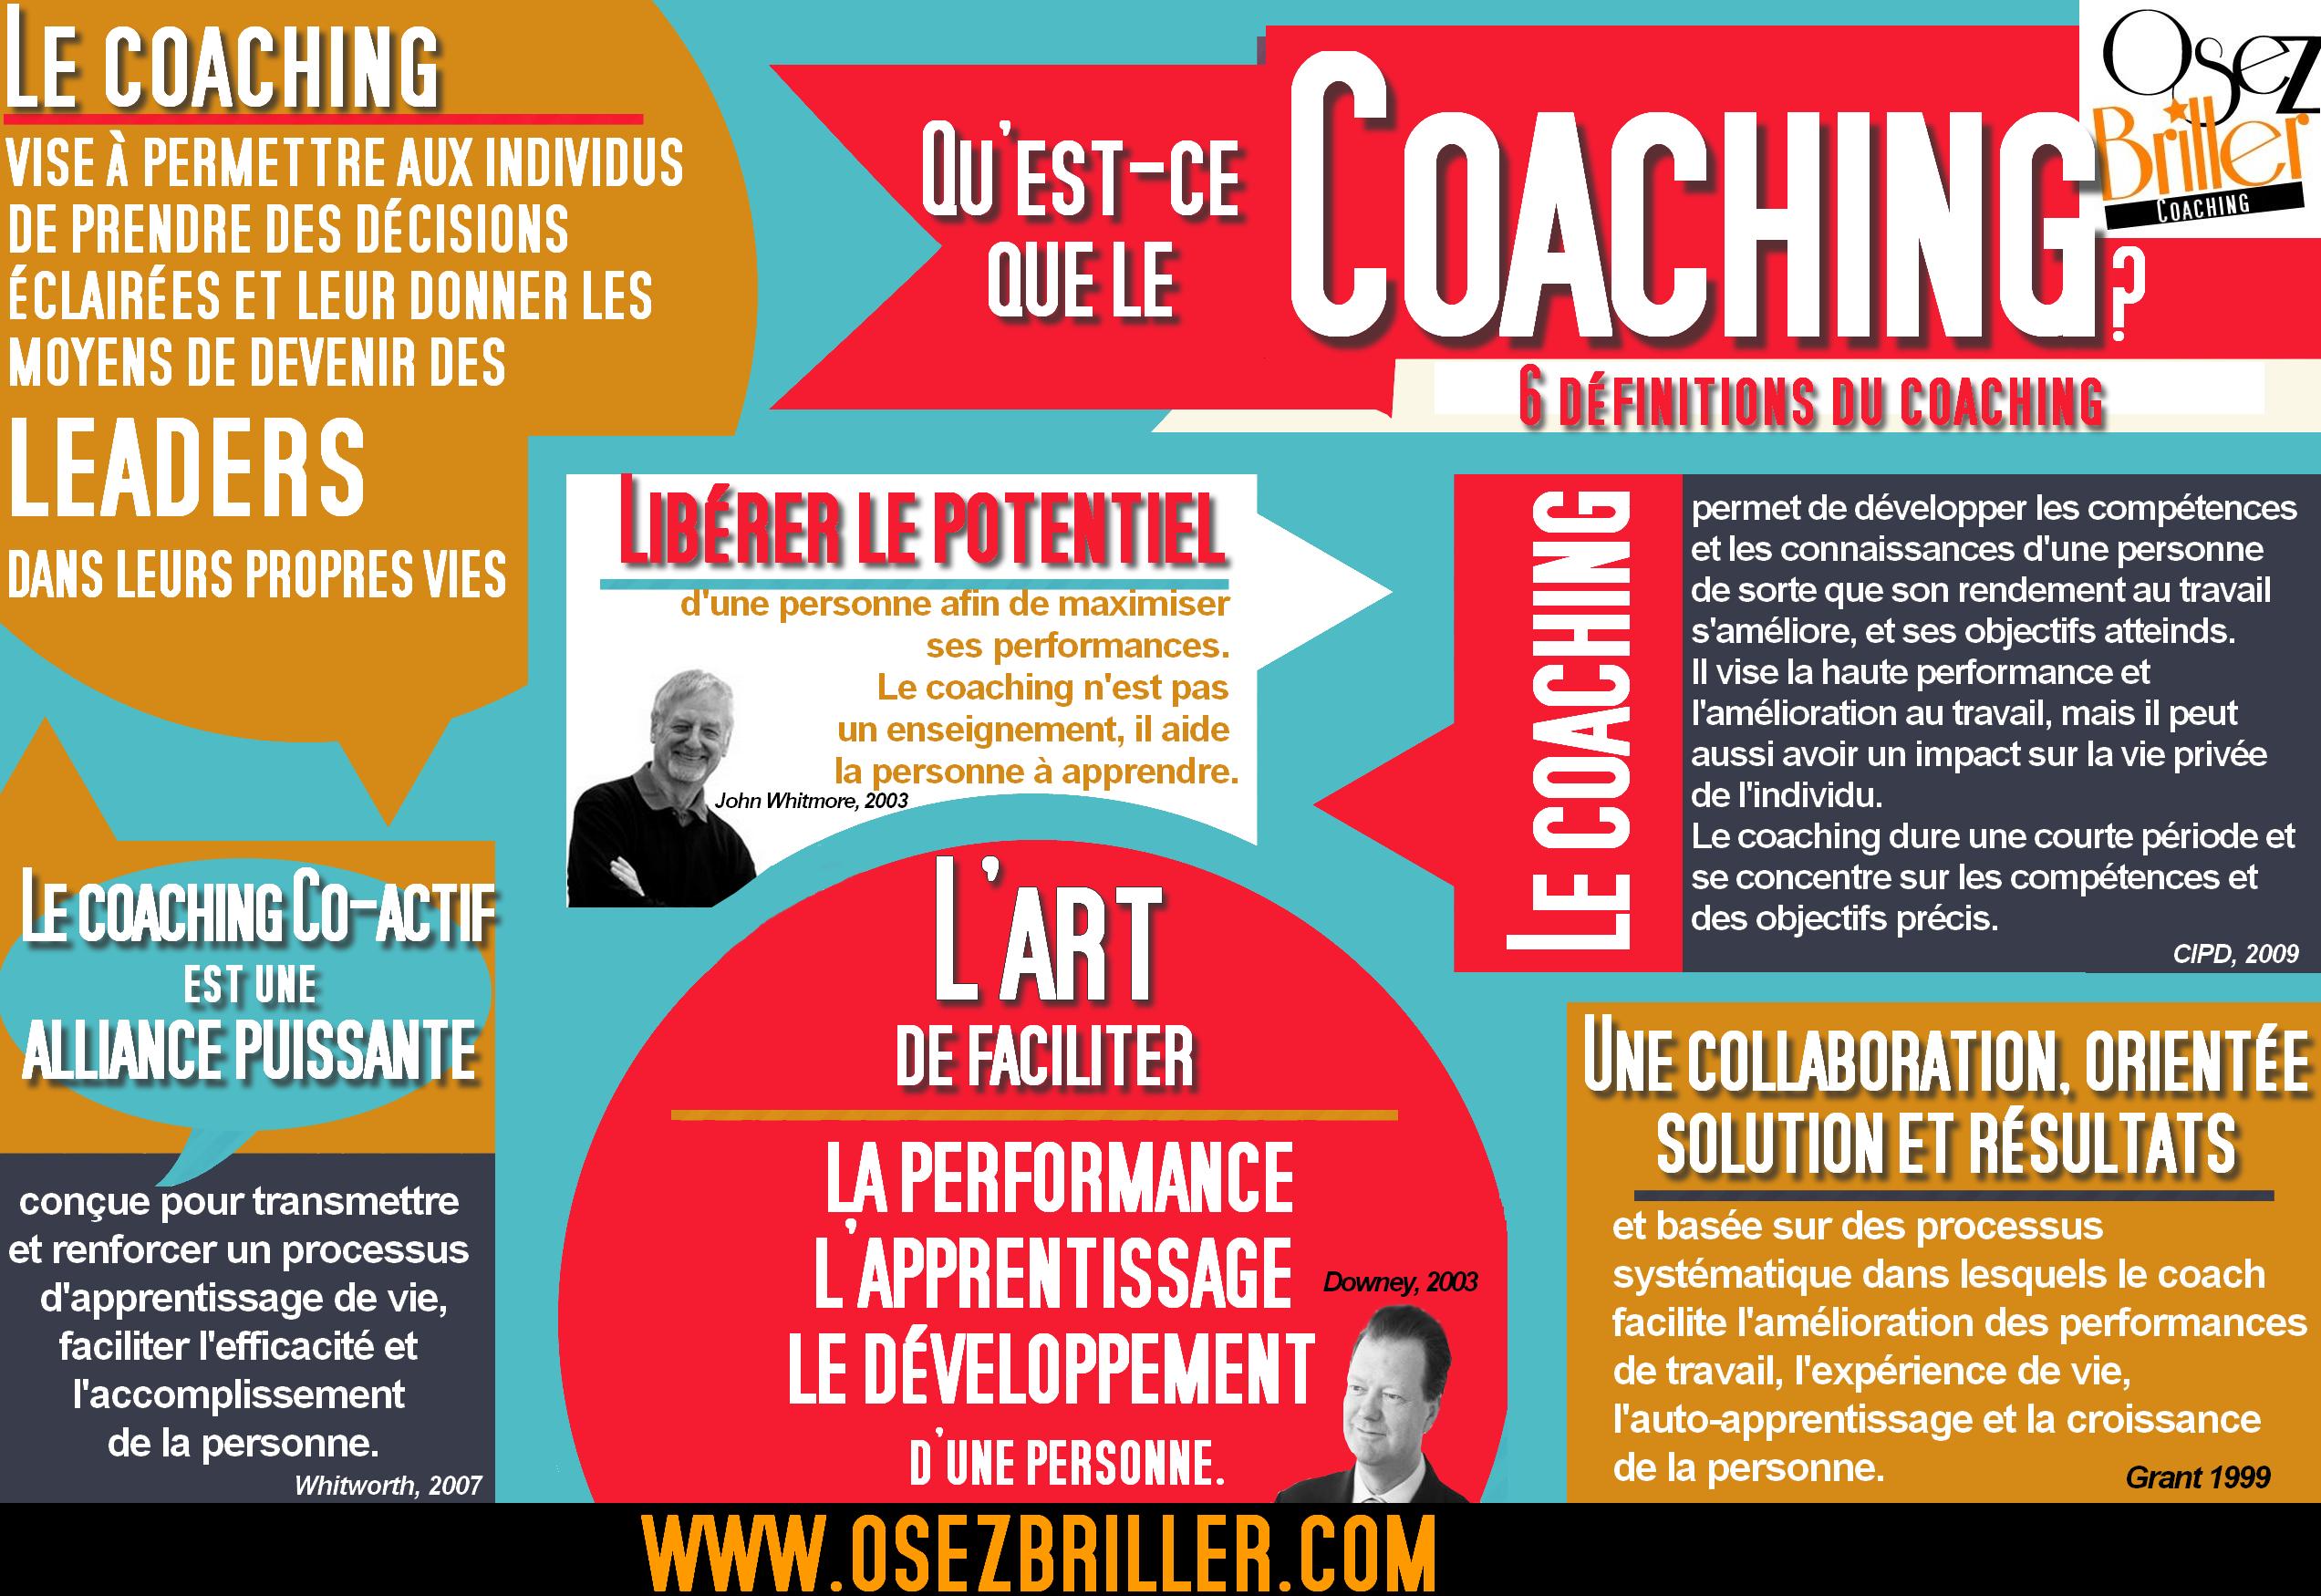 Définition du coaching : Qu'est-ce que le coaching ? 6 définitions du coaching, coaching de vie, coaching d'affaires,